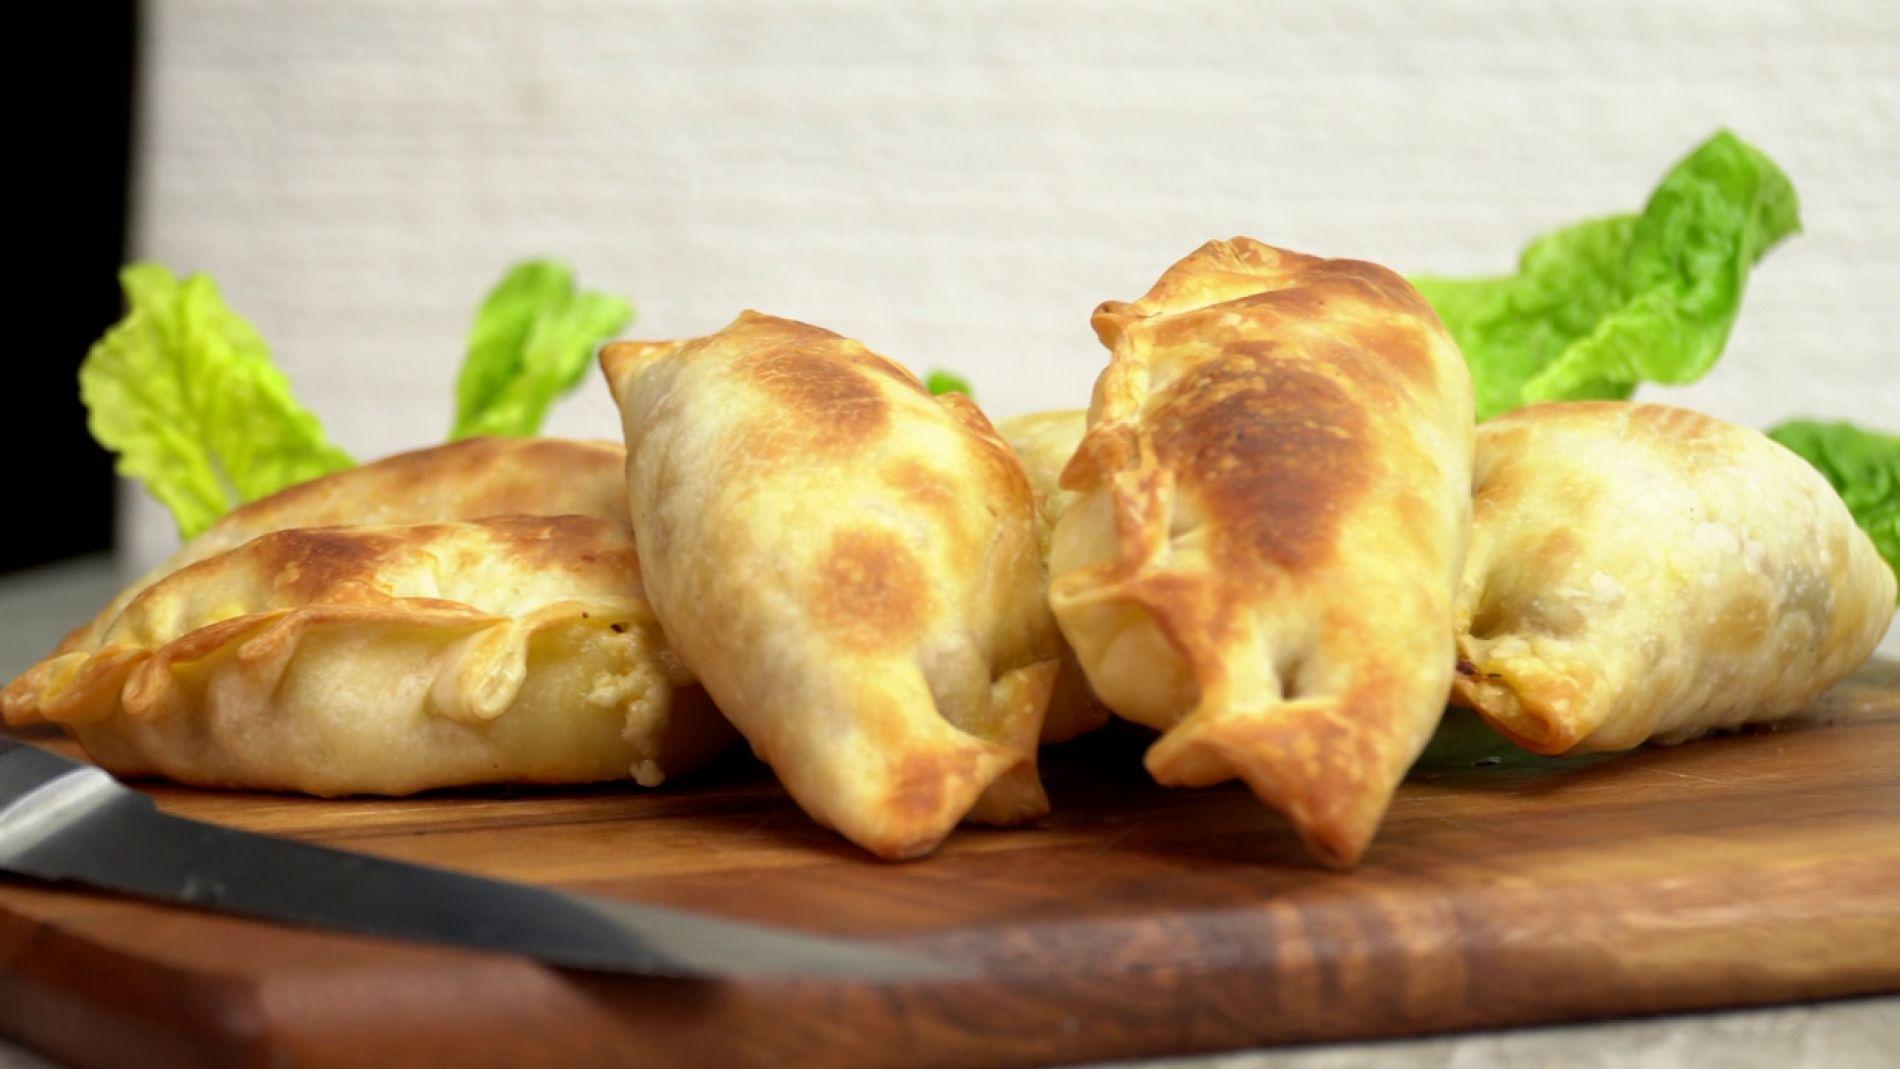 Atrévete a poner en práctica esta deliciosa receta de empanadas argentinas